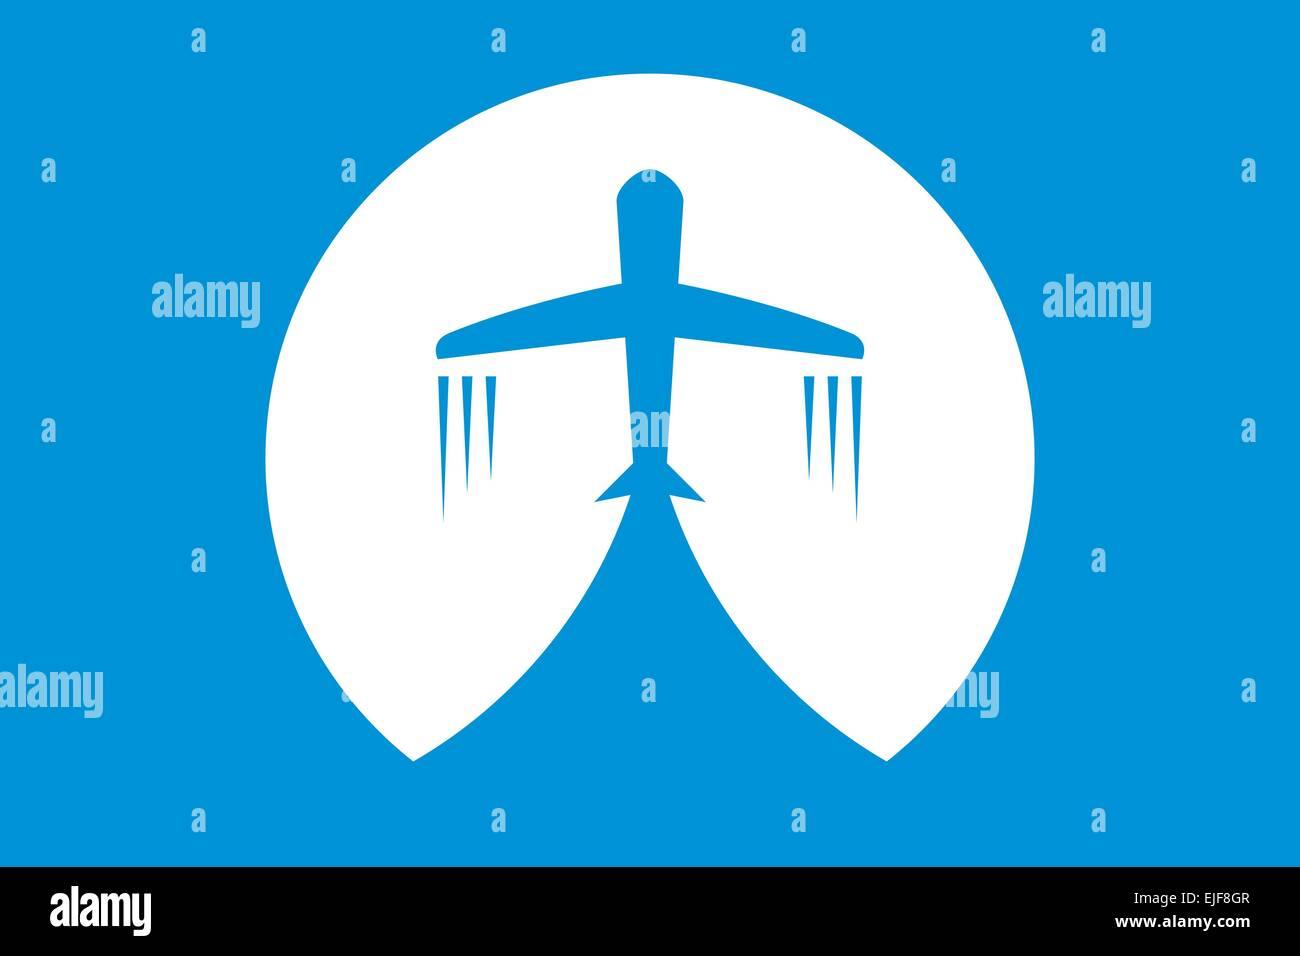 Airplane - vector logo concept. Aircraft illustration. - Stock Vector